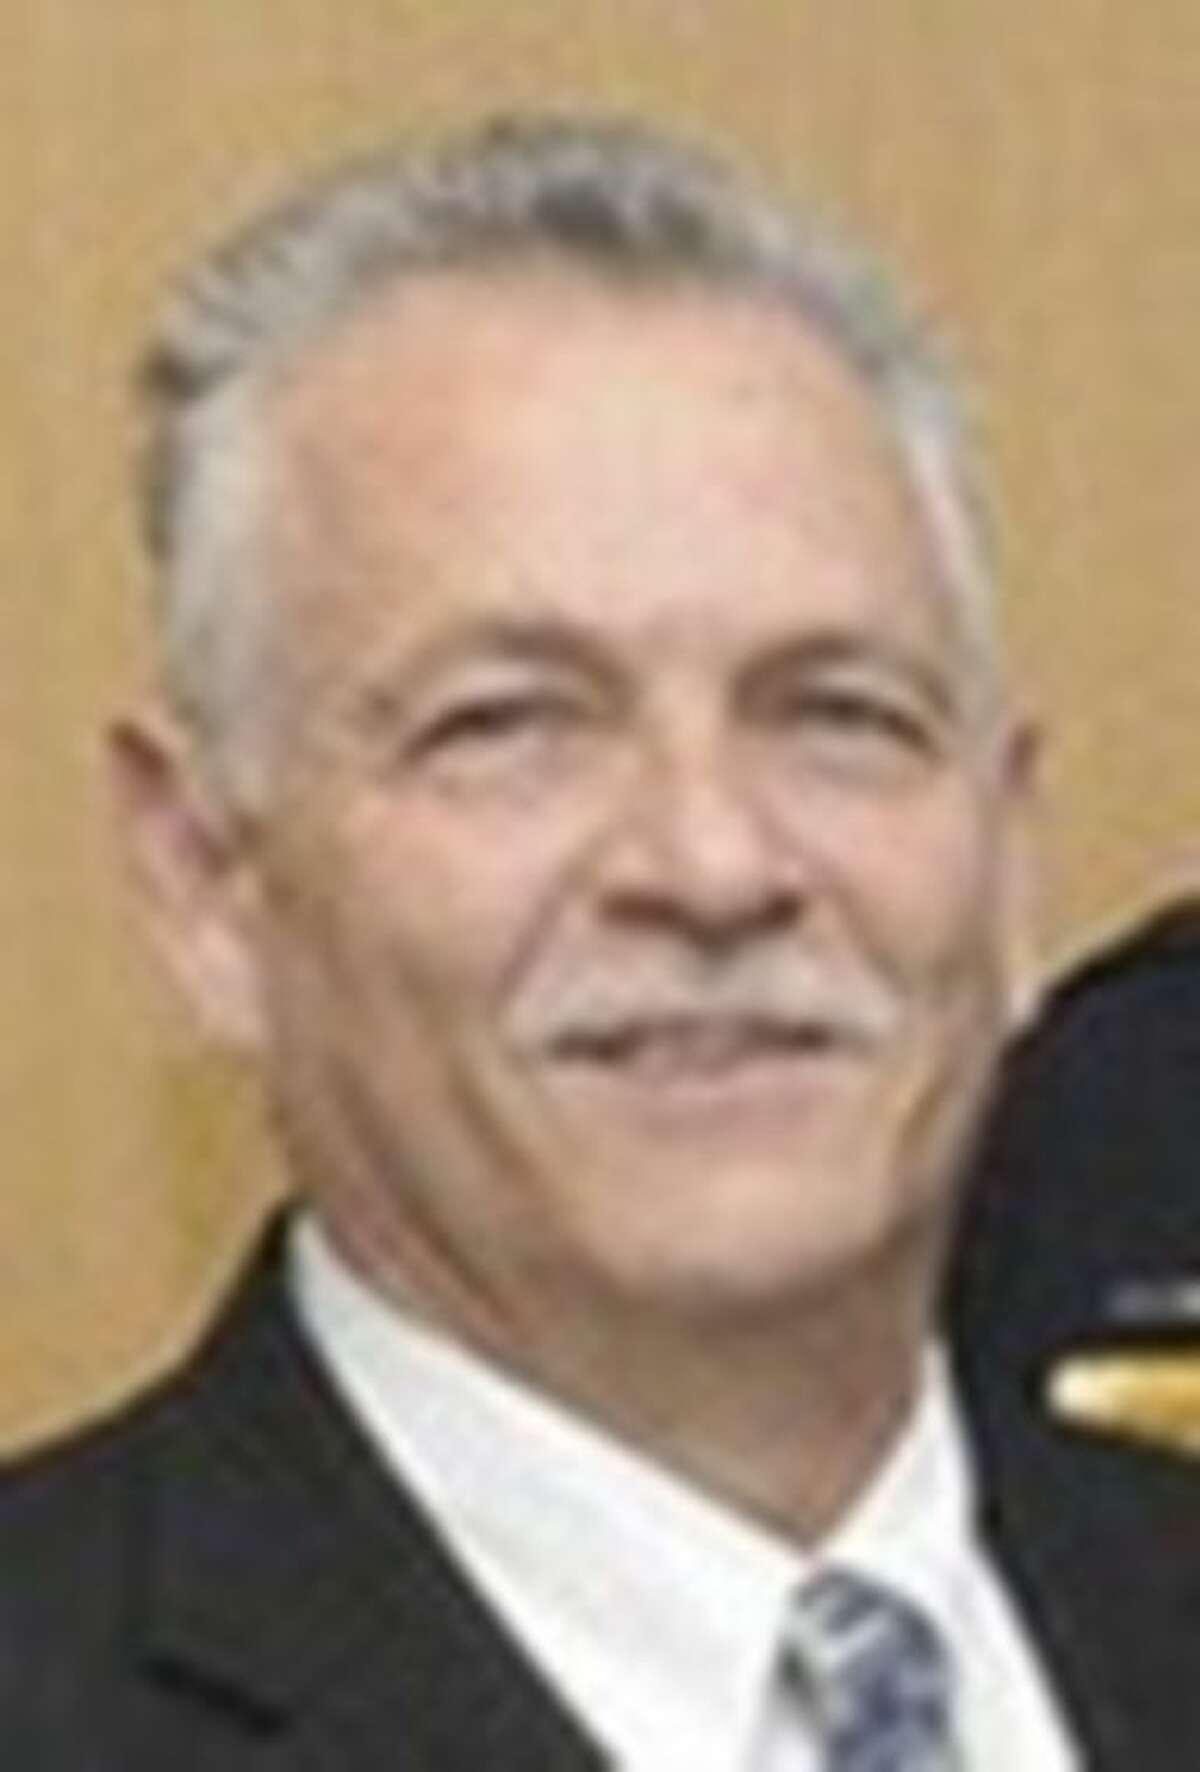 Peter K. Torrano